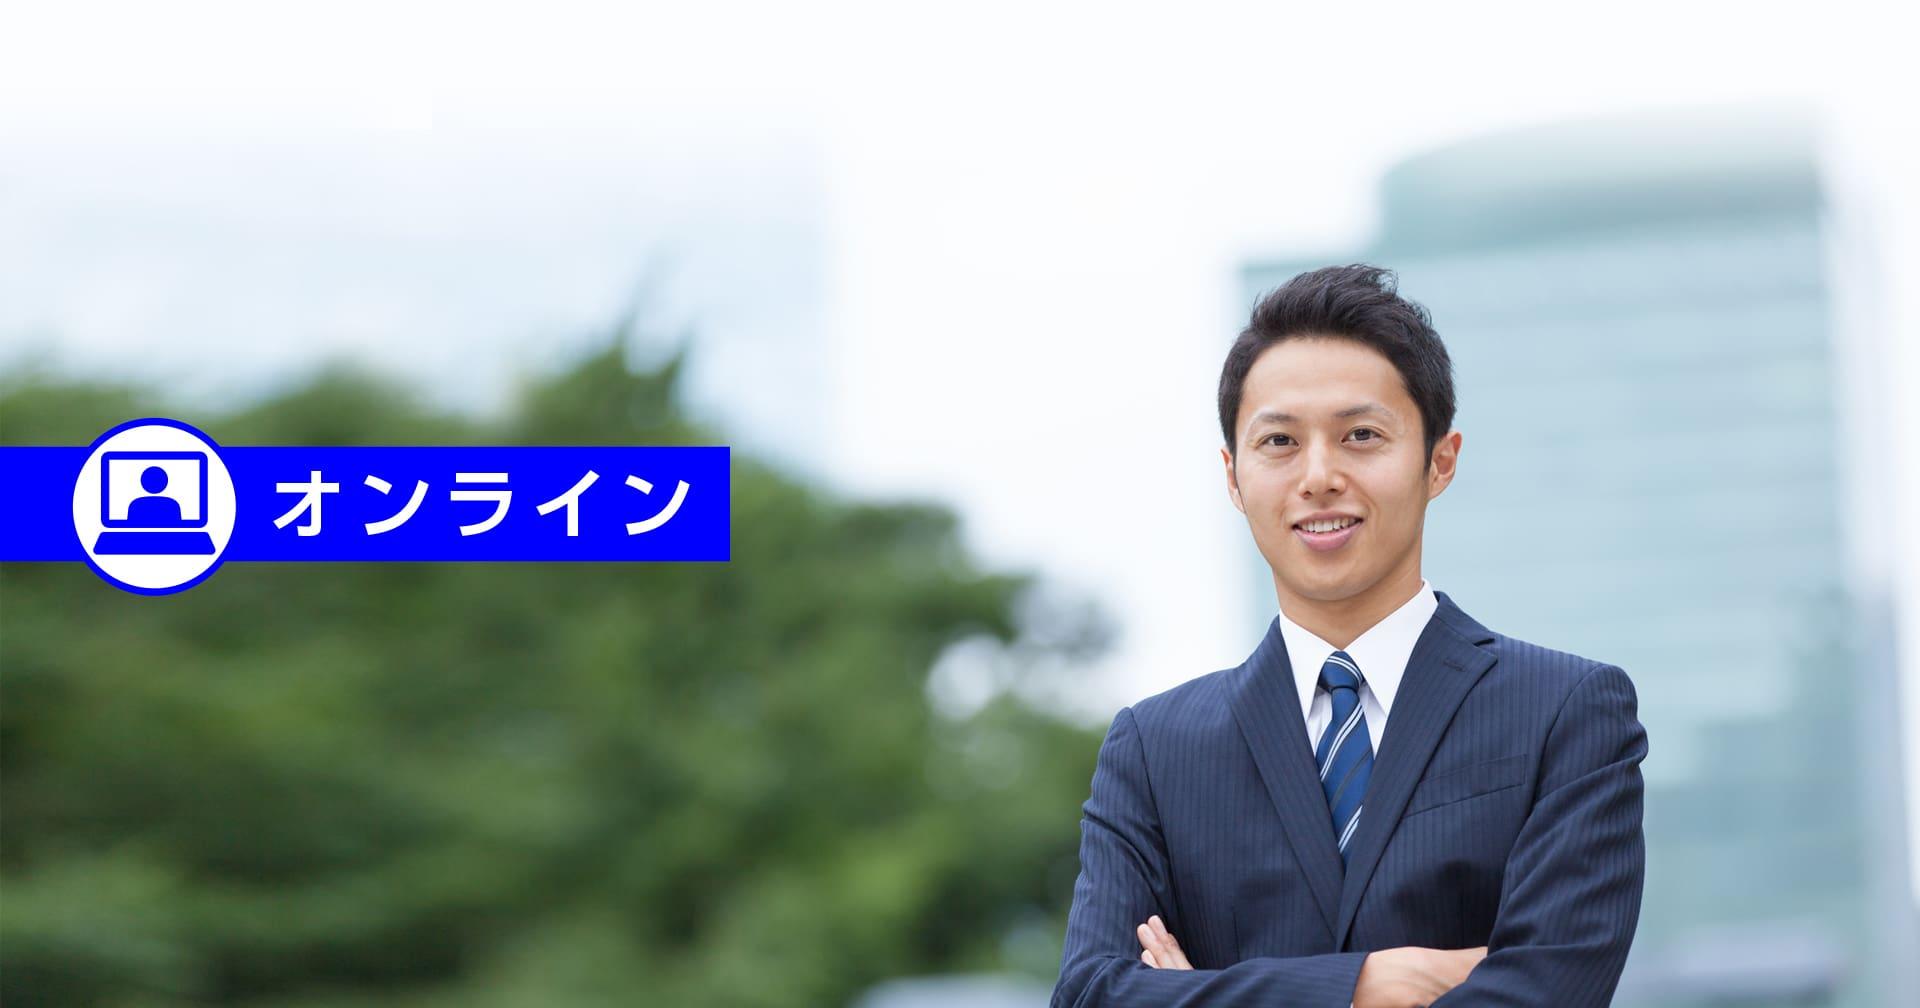 【オンライン版】課長研修 マネジメント革新コース(1日)